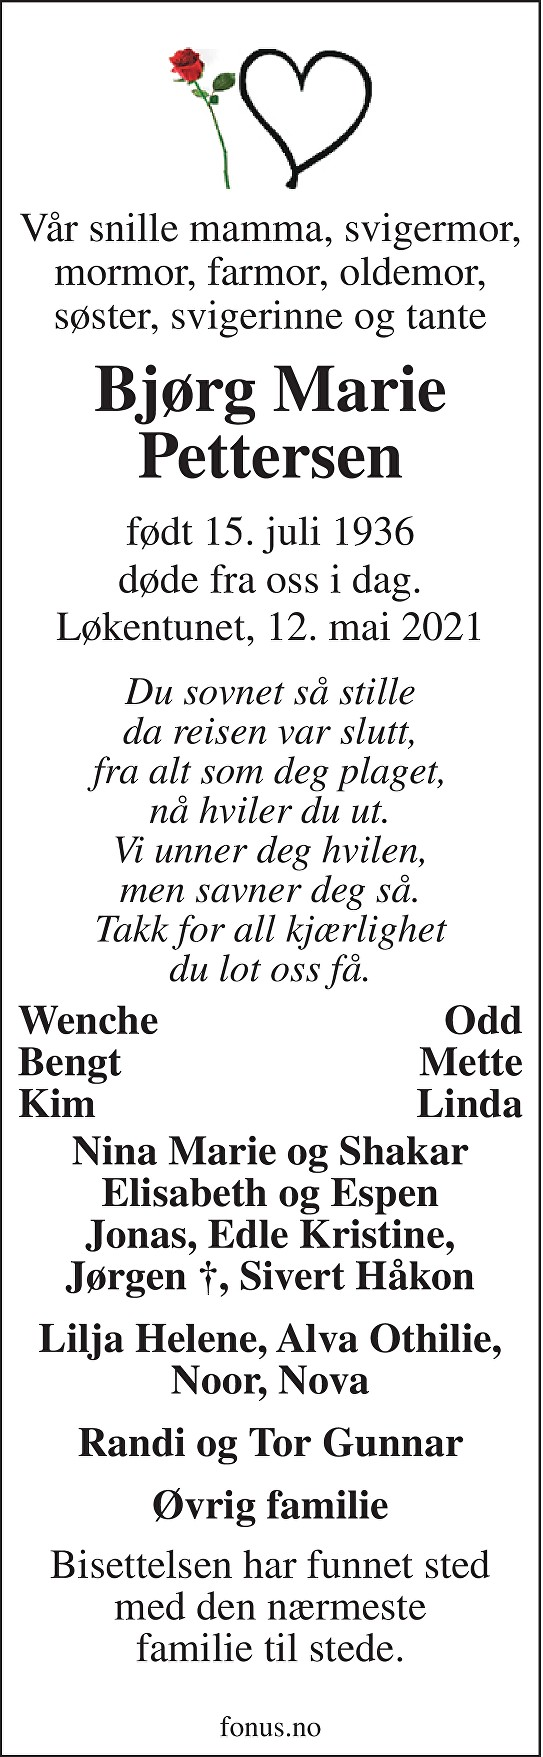 Bjørg Marie Pettersen Dødsannonse